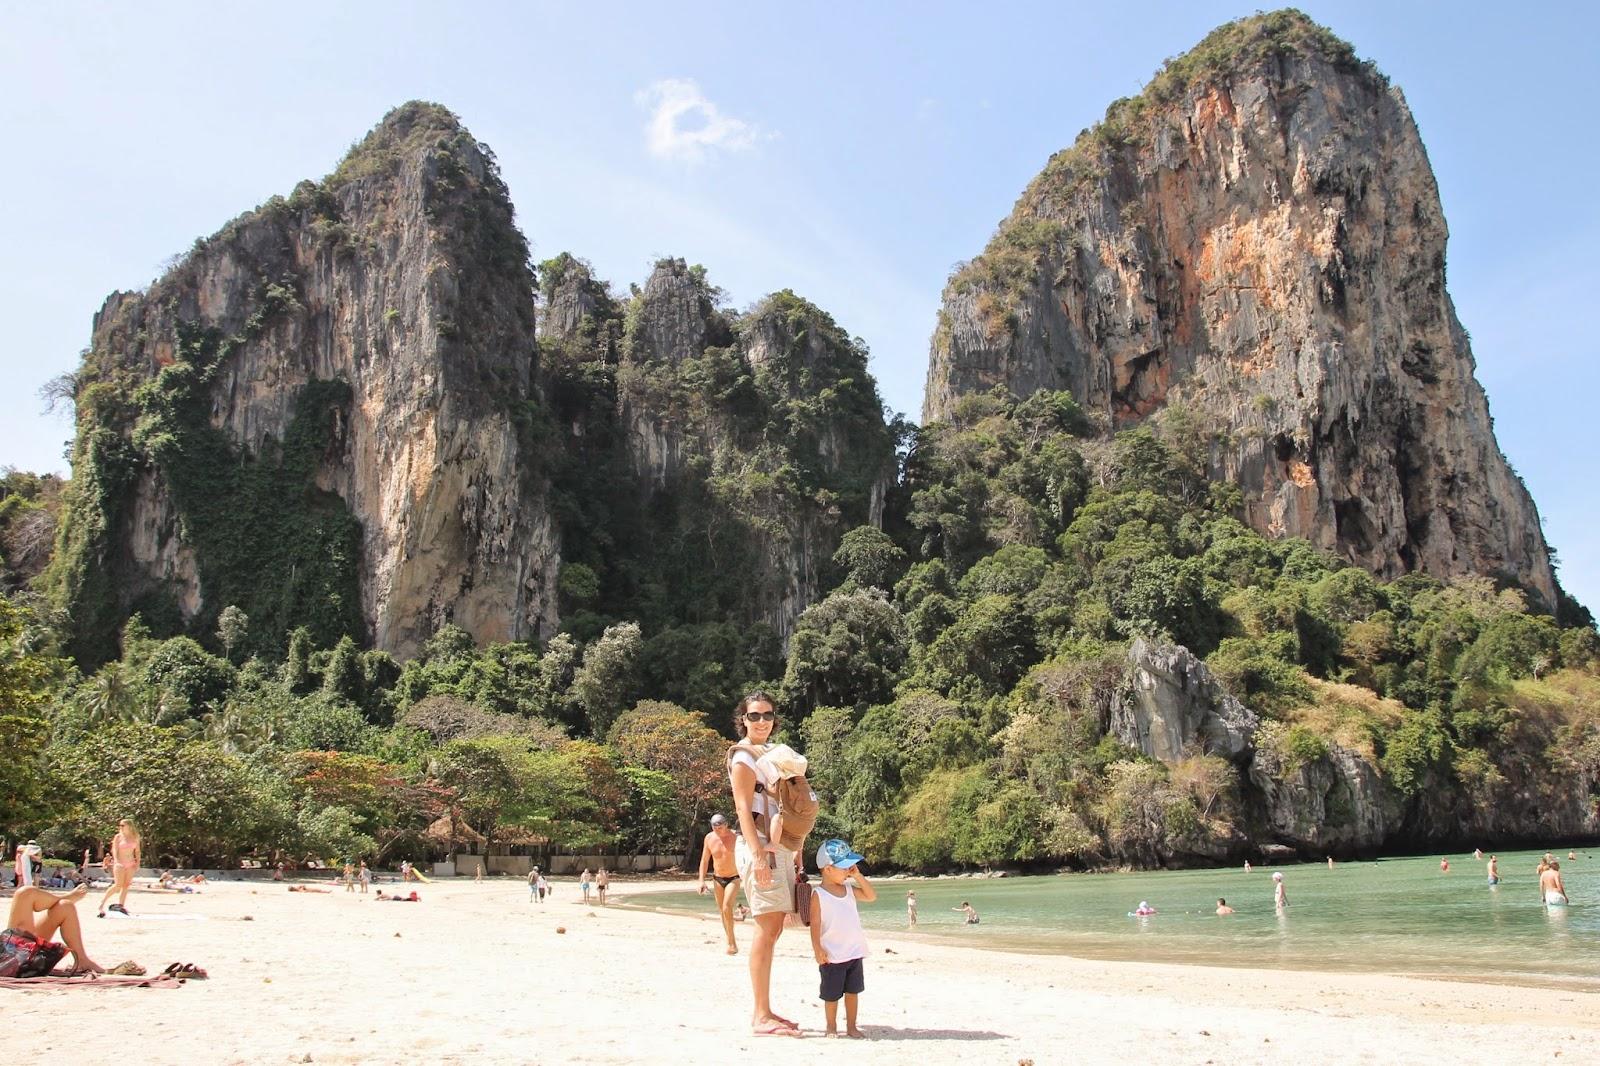 Raylay ou Rayley está entre as melhores praias da Tailândia